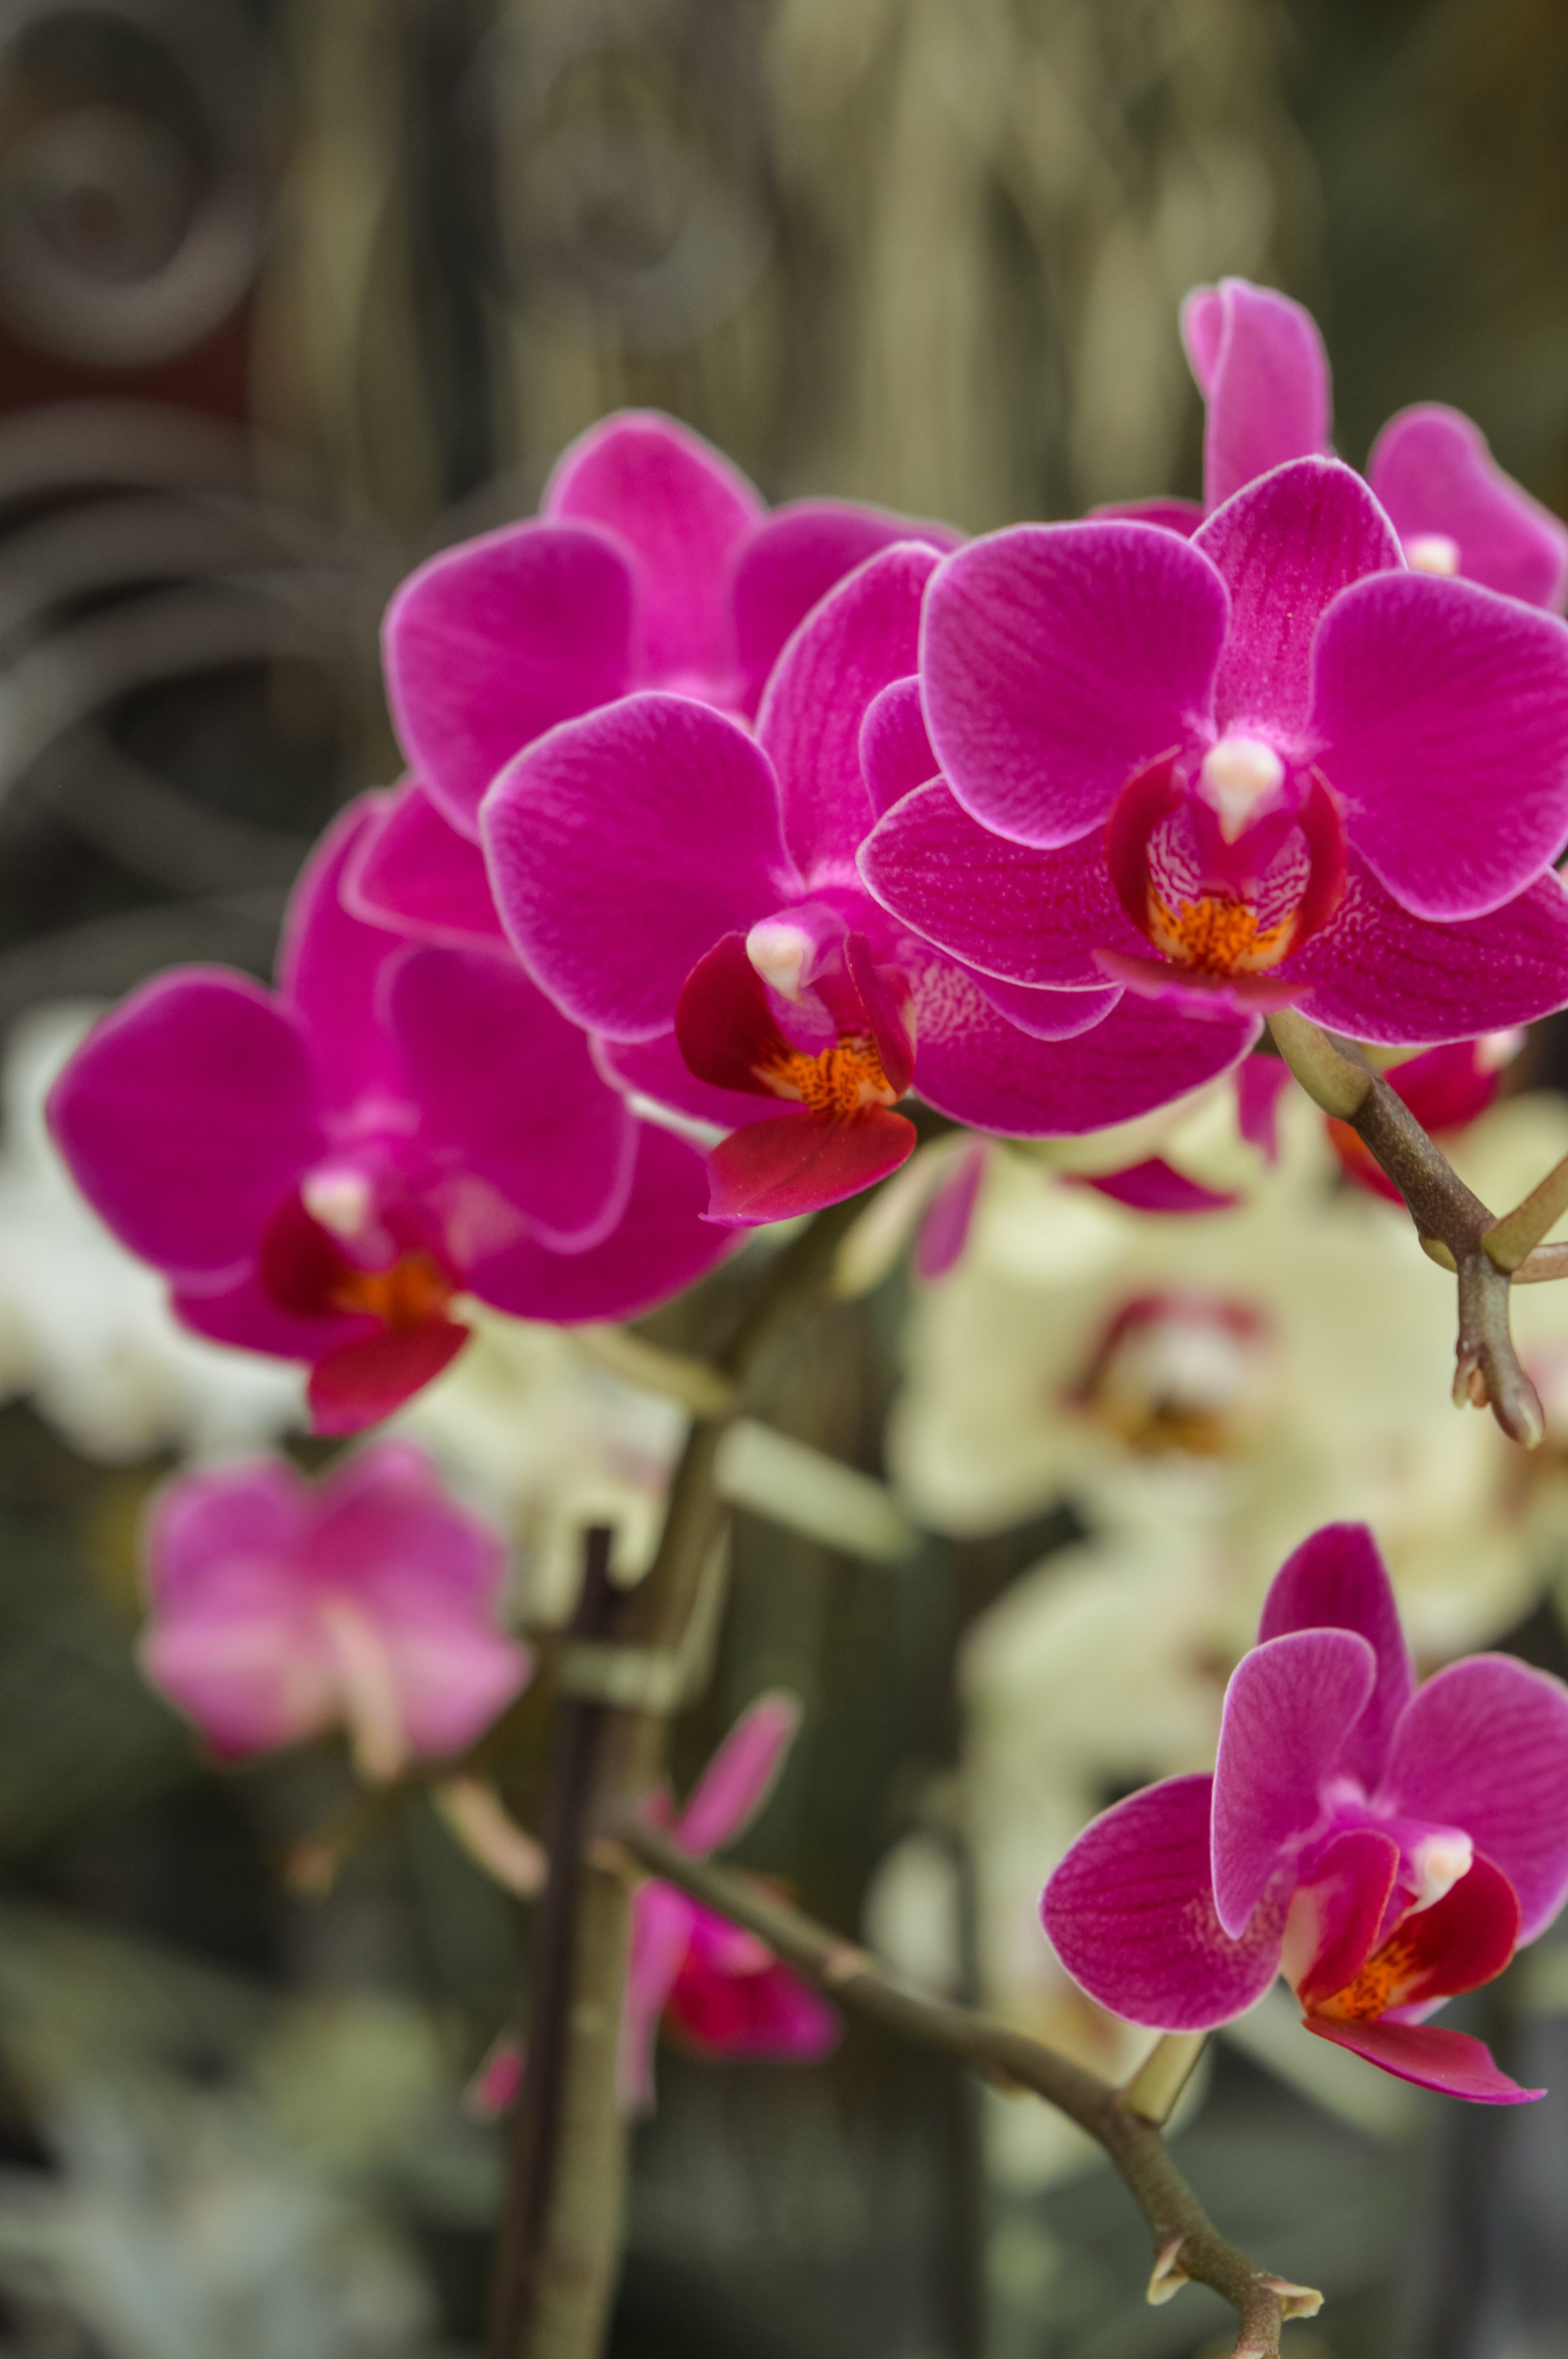 คลังภาพถ่ายฟรี ของ กล้วยไม้, กล้วยไม้สีชมพู, ดอกไม้, ดอกไม้ฤดูใบไม้ผลิ